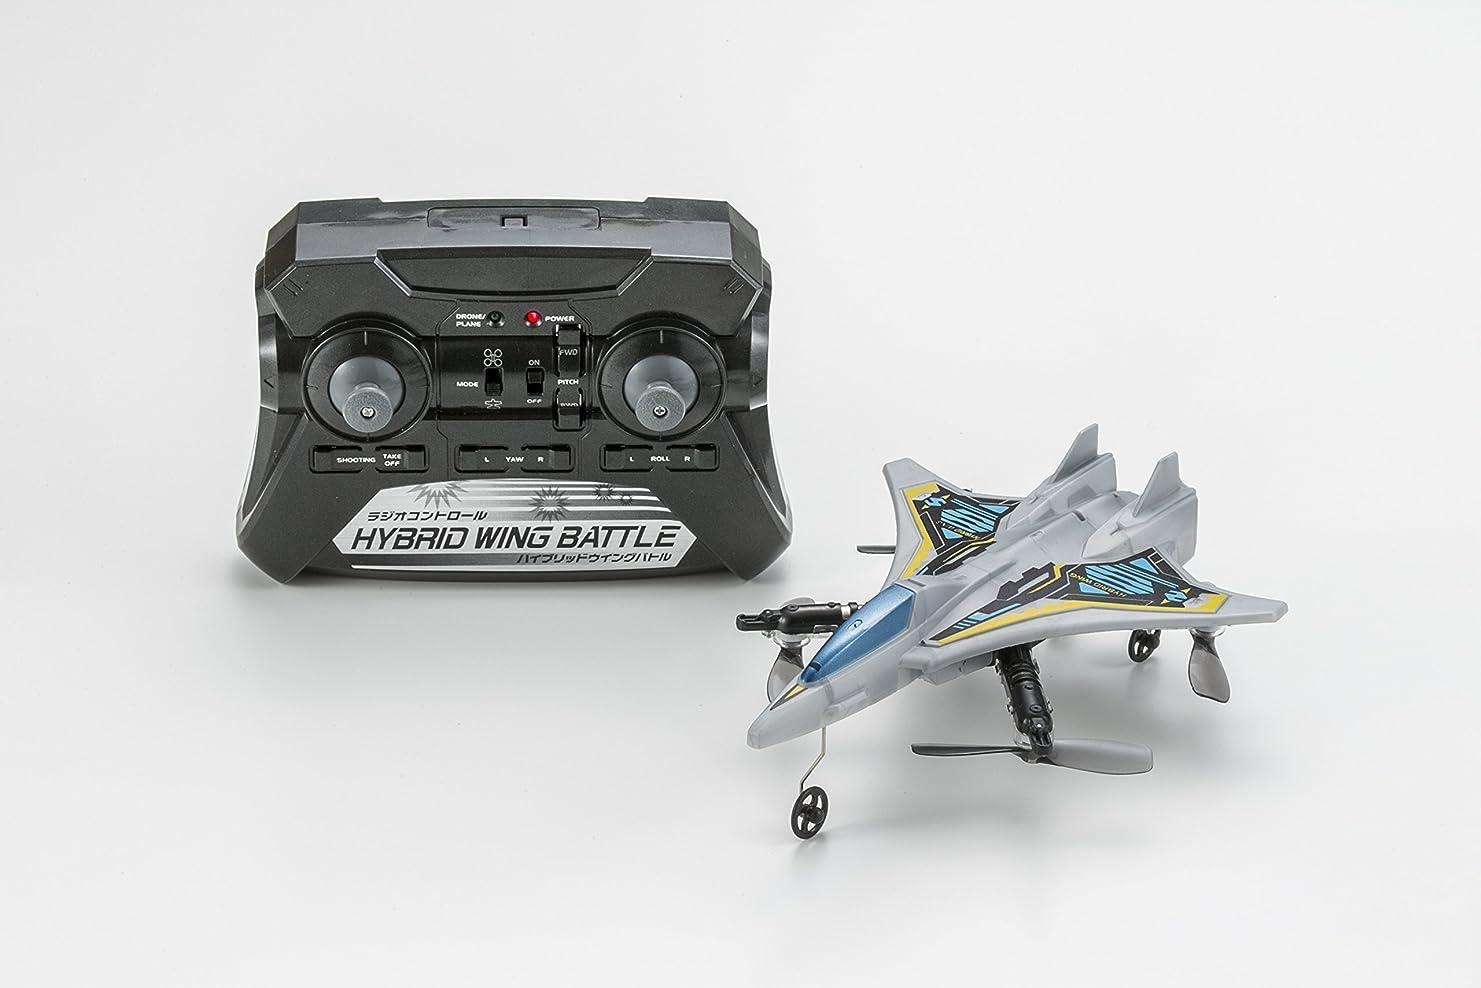 良さ定期的誇大妄想Goolsky 1/15 木製 静的 飛行機モデル 表示レプリカ 500mm アルバトロス キット 工芸 木材家具 ギフト 子供と大人 Dancing Wings Hobby VS02